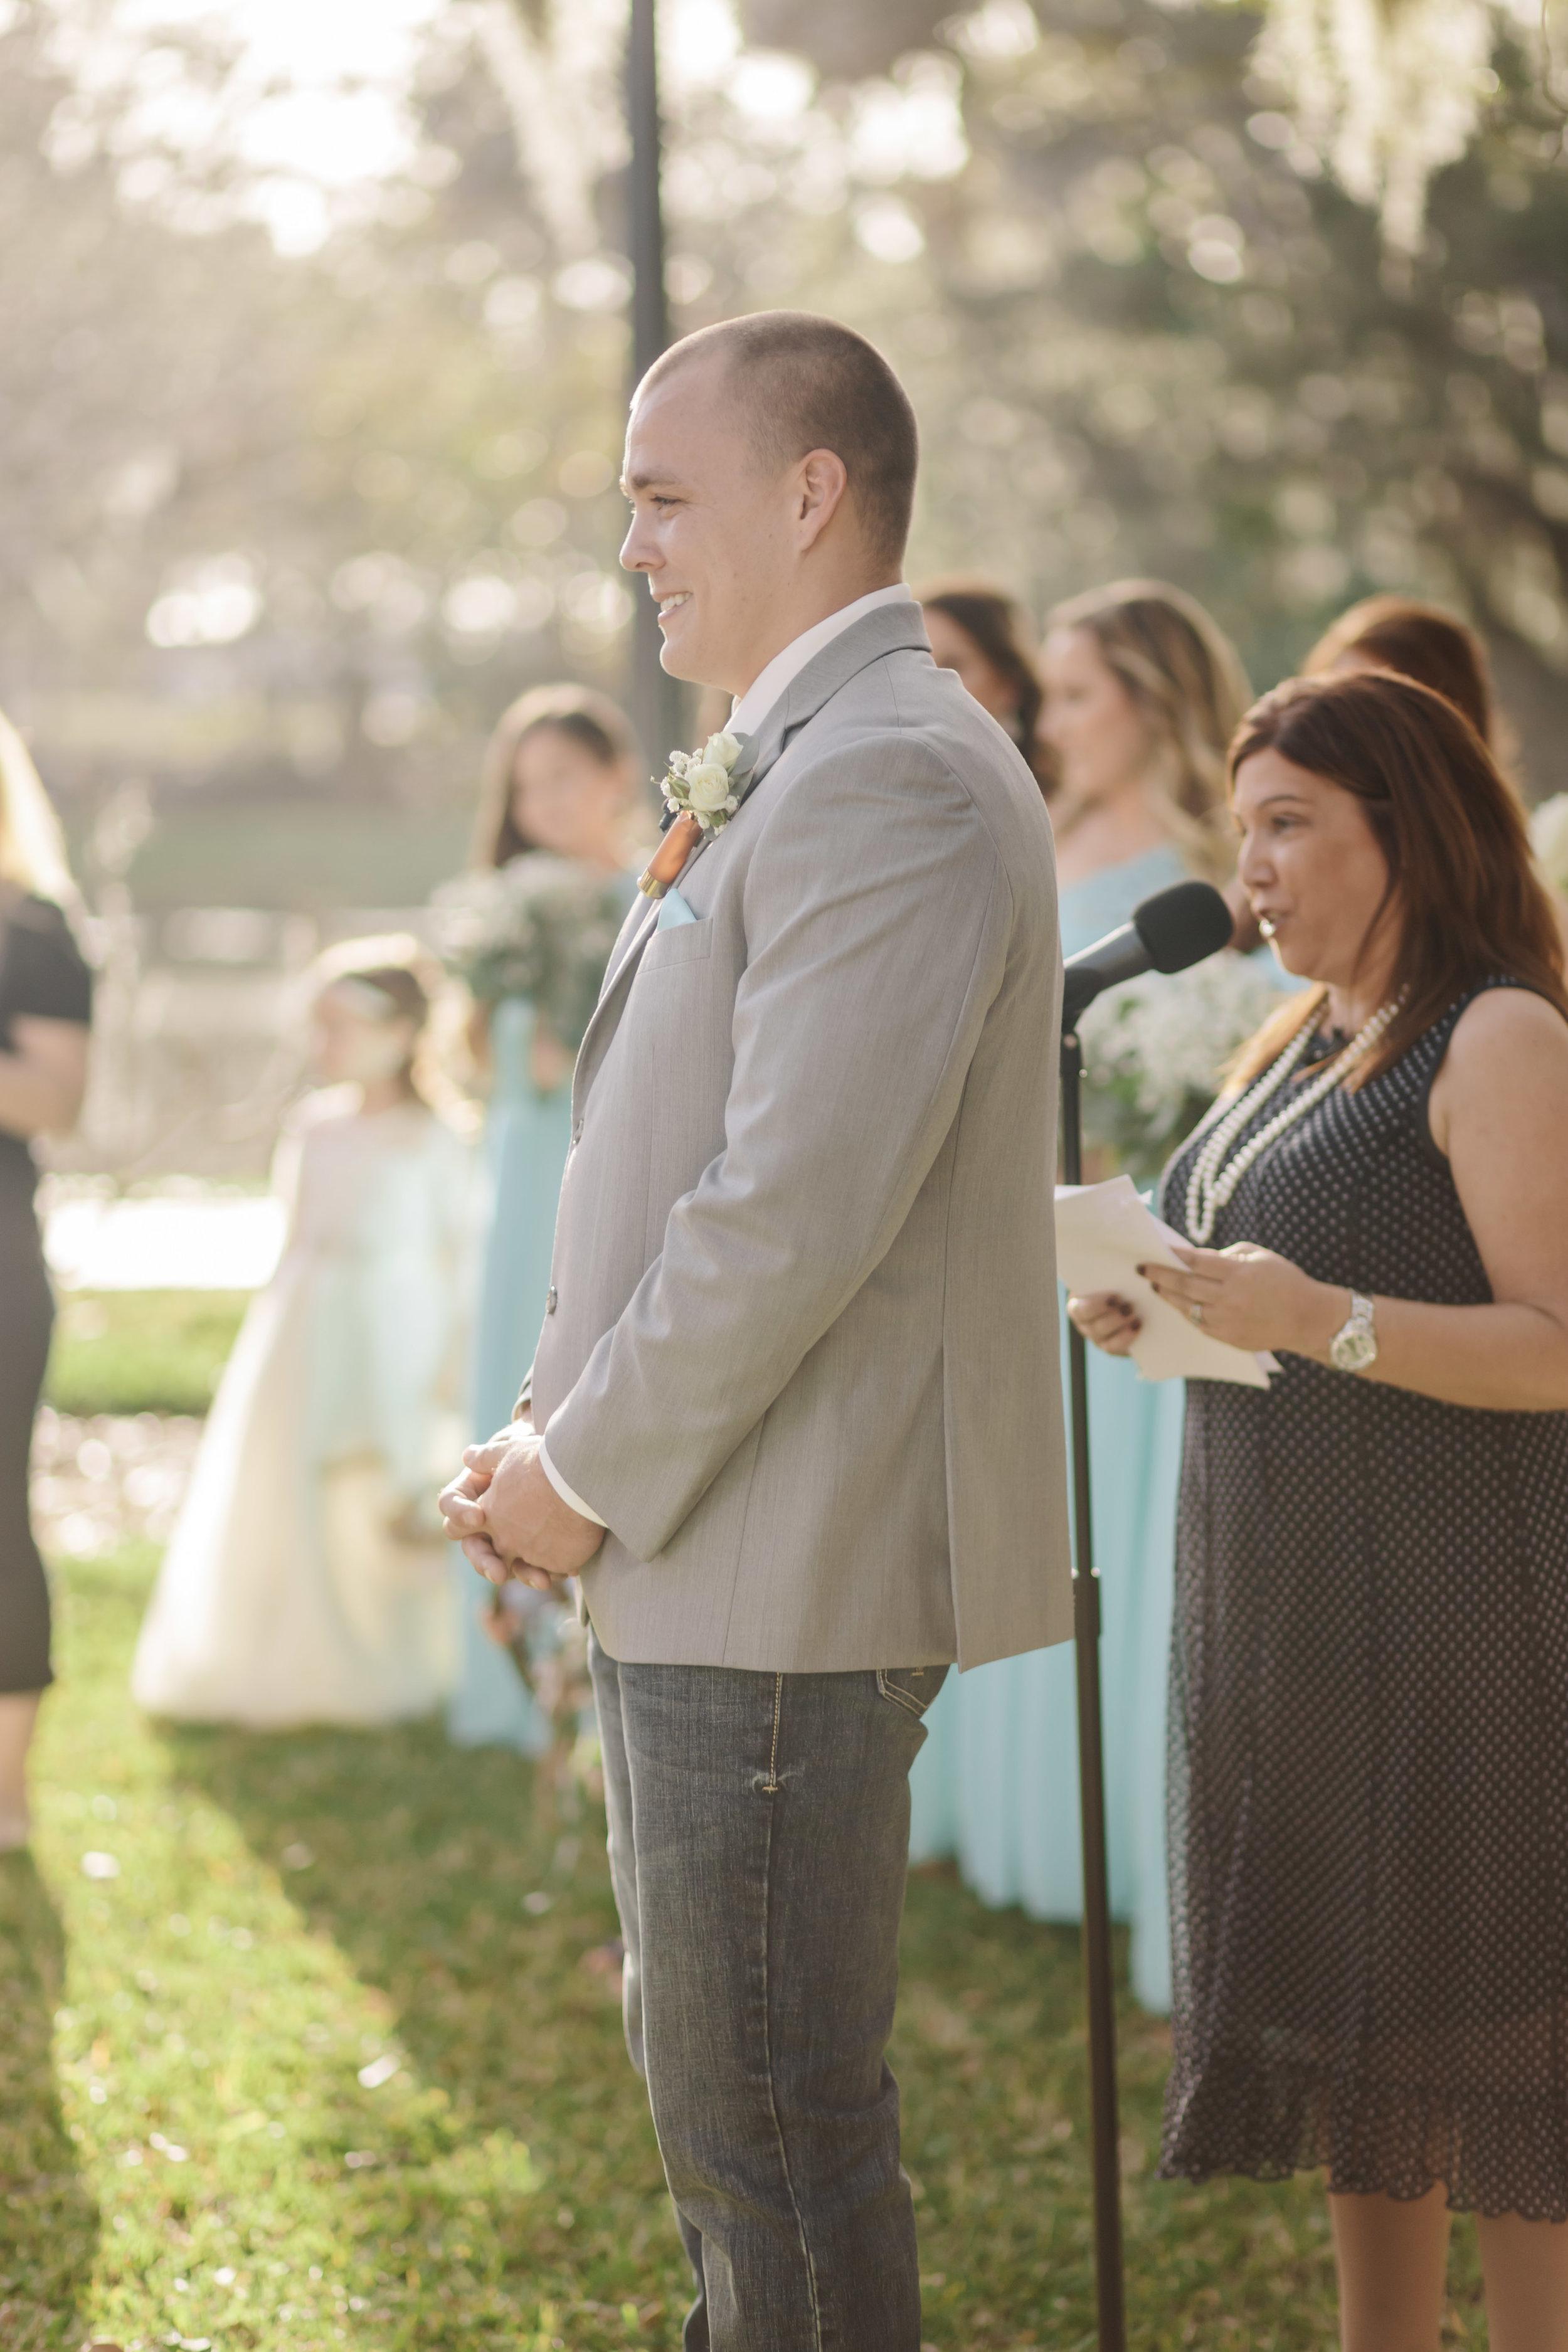 2018.02.10 Mariah and Ryan Baker Estate on Halifax Wedding (465 of 1218).jpg